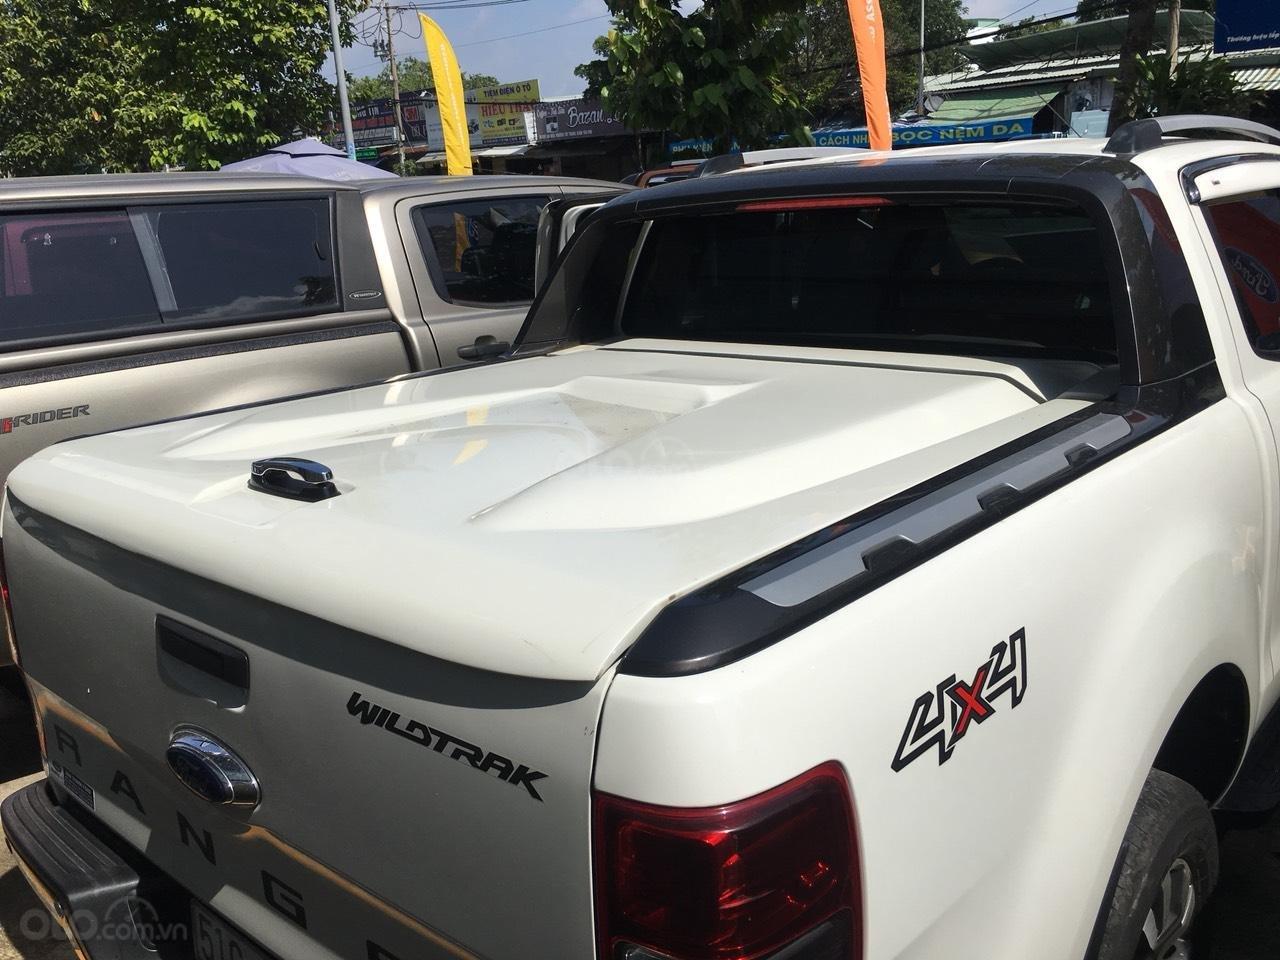 Bán xe Ford Ranger Wildtrak 3.2L đời 2015, màu trắng, xe nhập, giá chỉ 720 triệu (2)